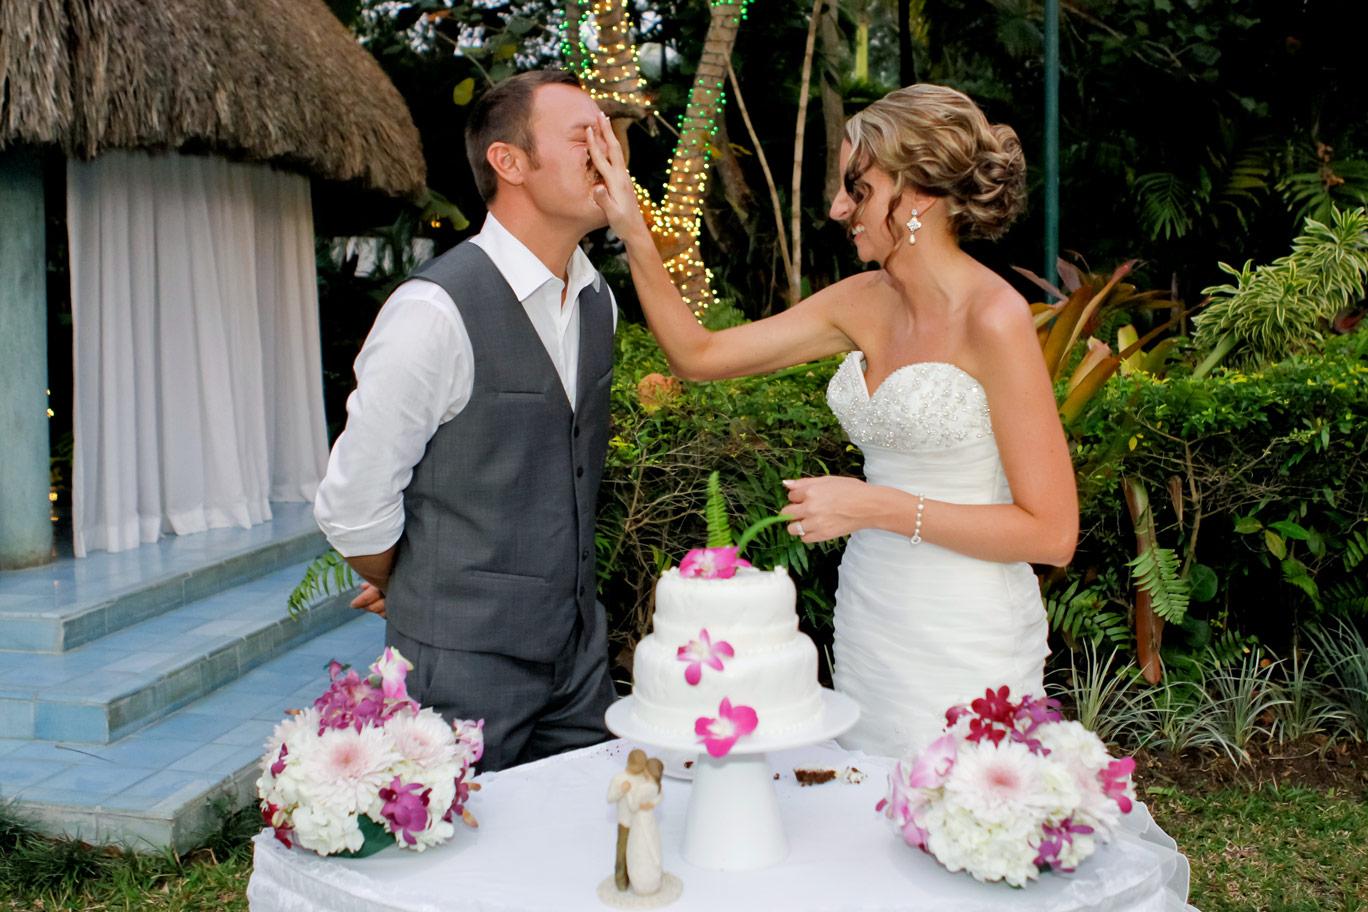 jamaica-milwaukee-destination-wedding-ruthie-hauge-photography-51.jpg